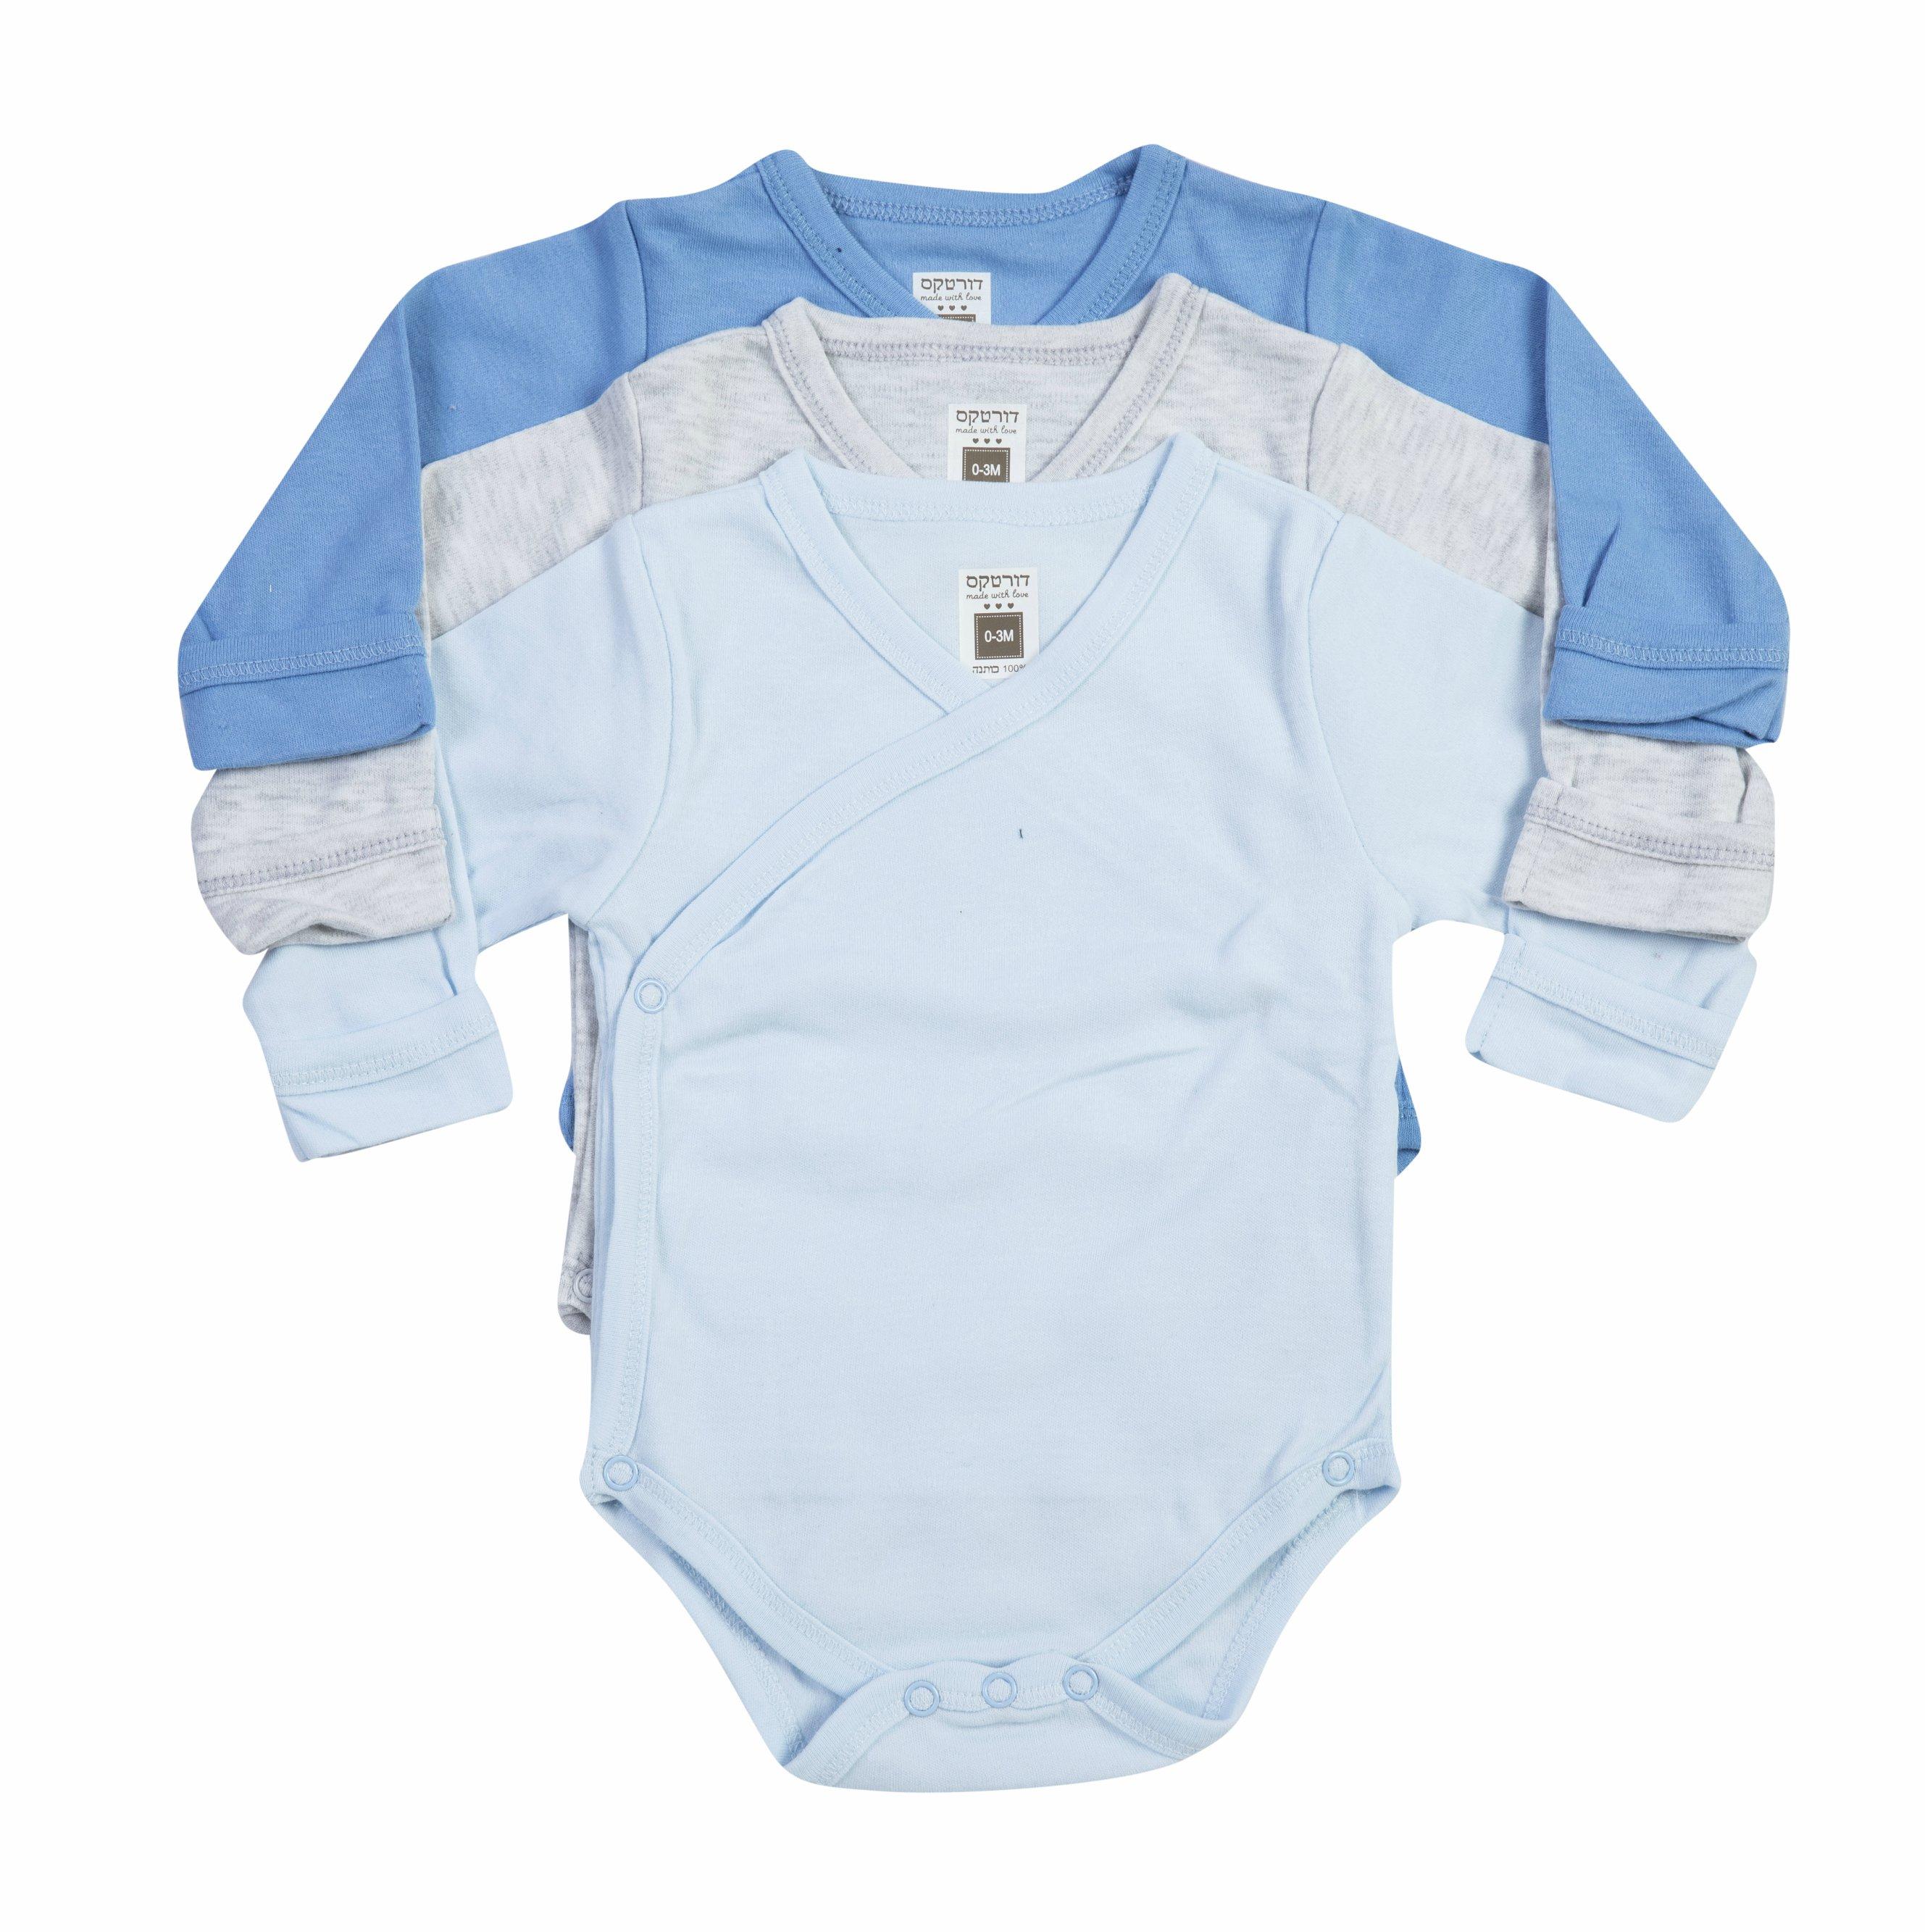 שלישיית בגדי גוף חזייה B-002 כחול/ אפור מלאנג'/ כחול בייבי